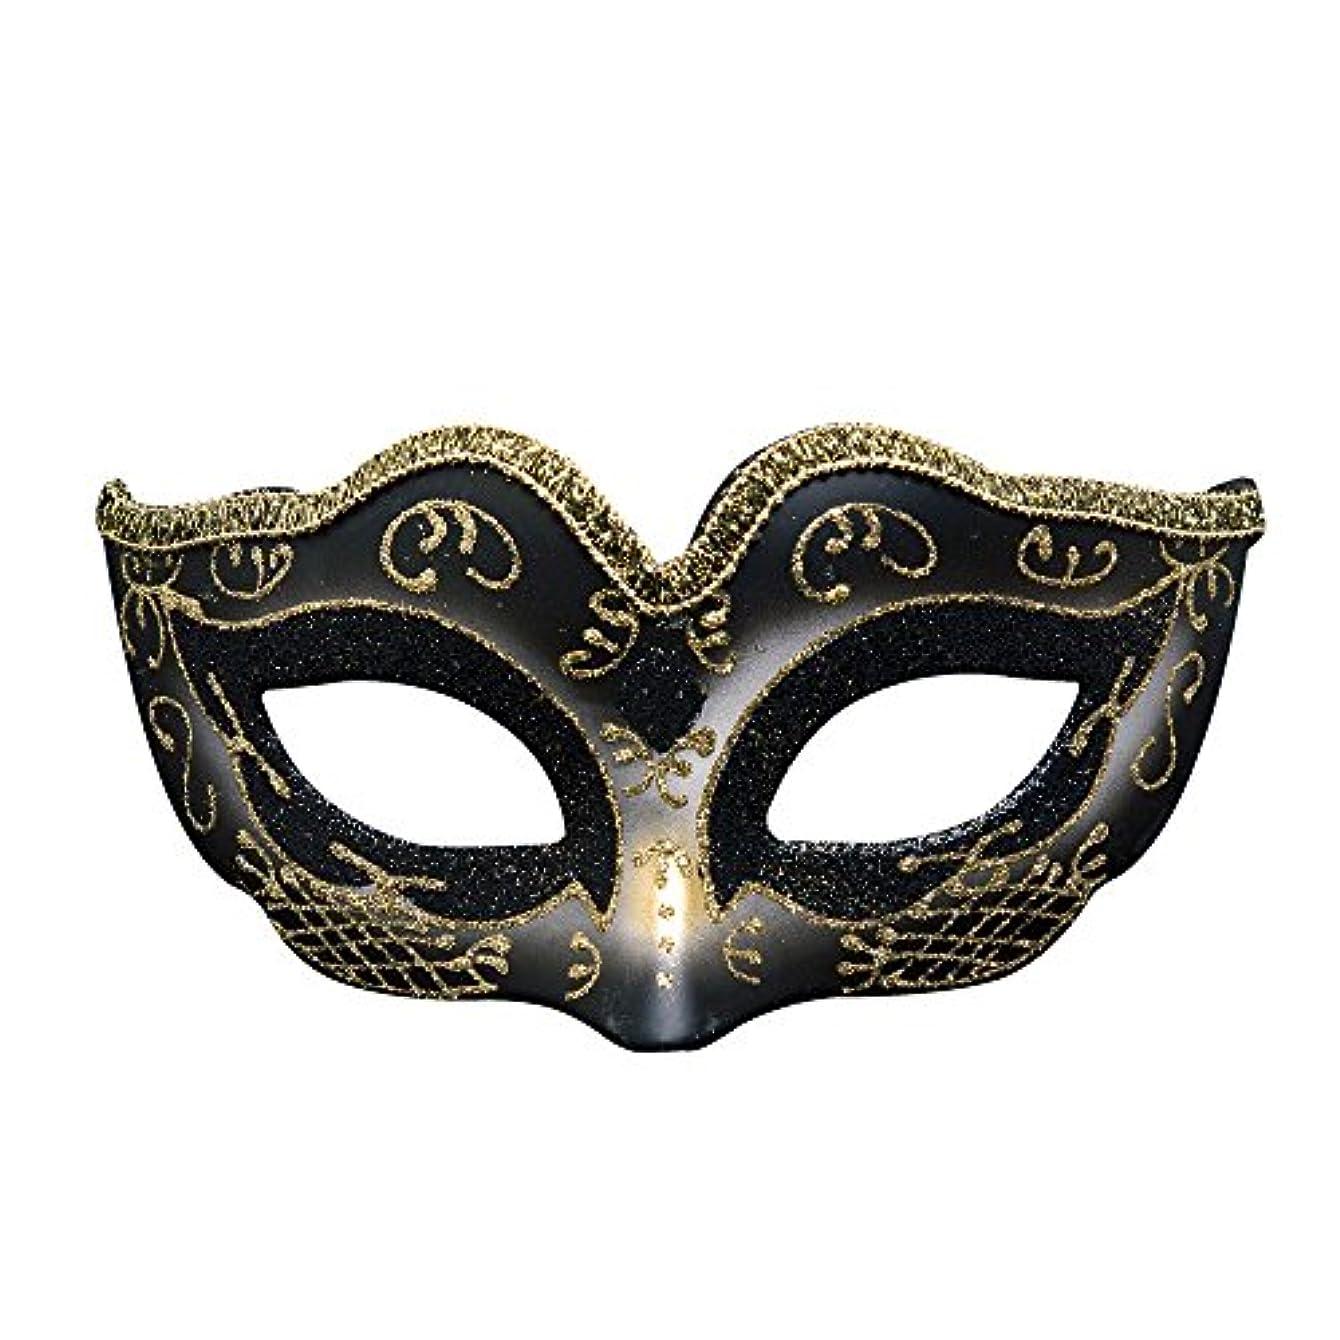 達成二層接続詞クリエイティブカスタム子供のなりすましパーティーハロウィーンマスククリスマス雰囲気マスク (Color : A)